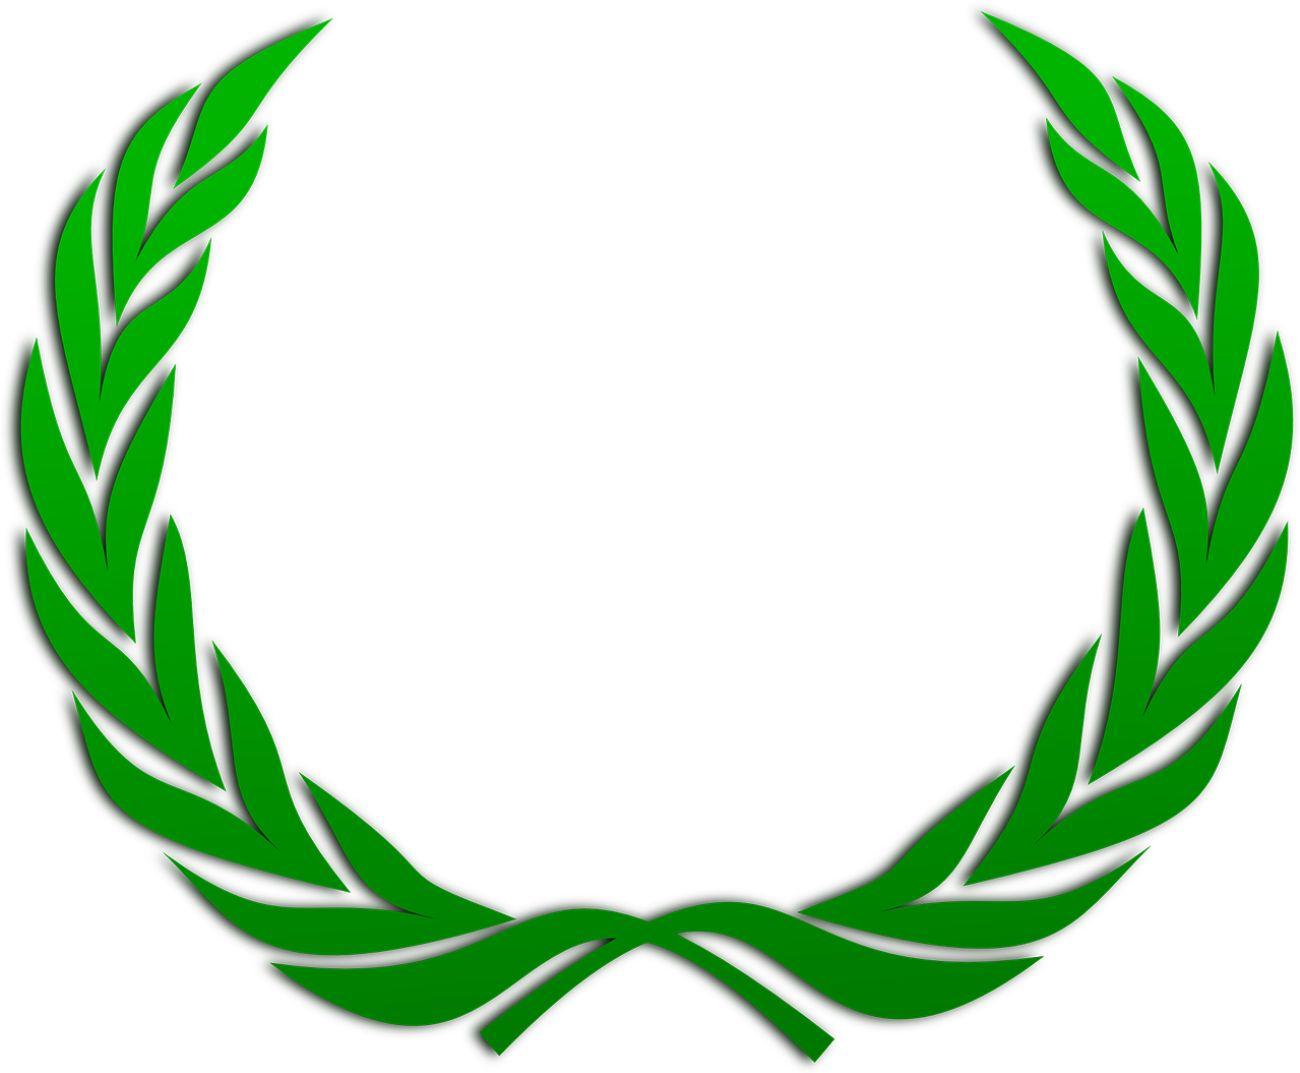 Heinek Ottó díj – pályázati felhívás